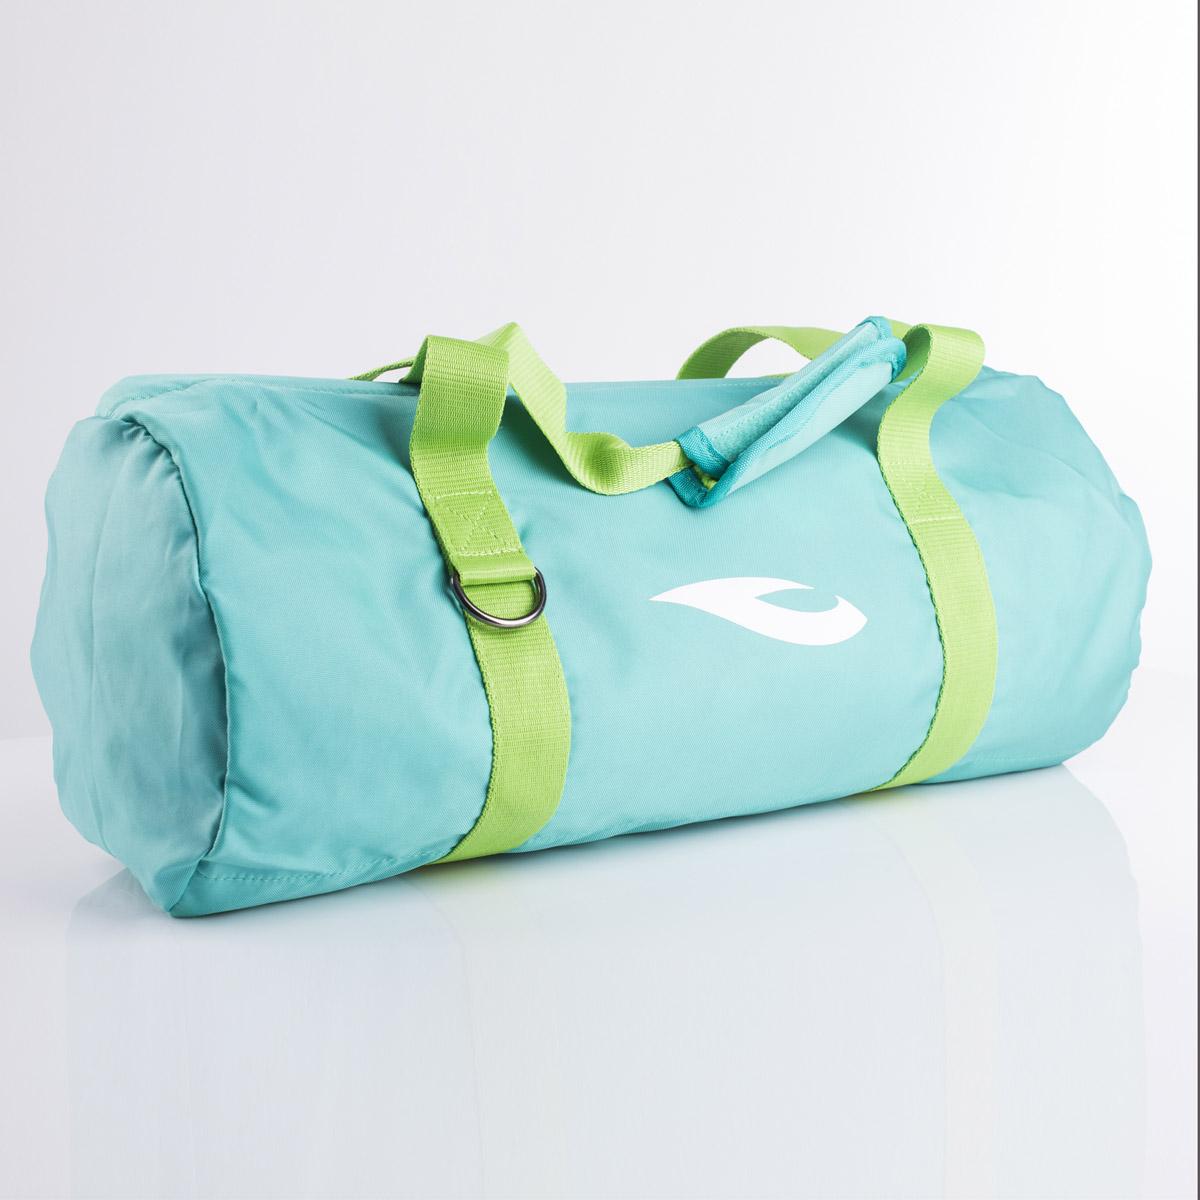 спортивная сумка для плавания Hosa 111292201